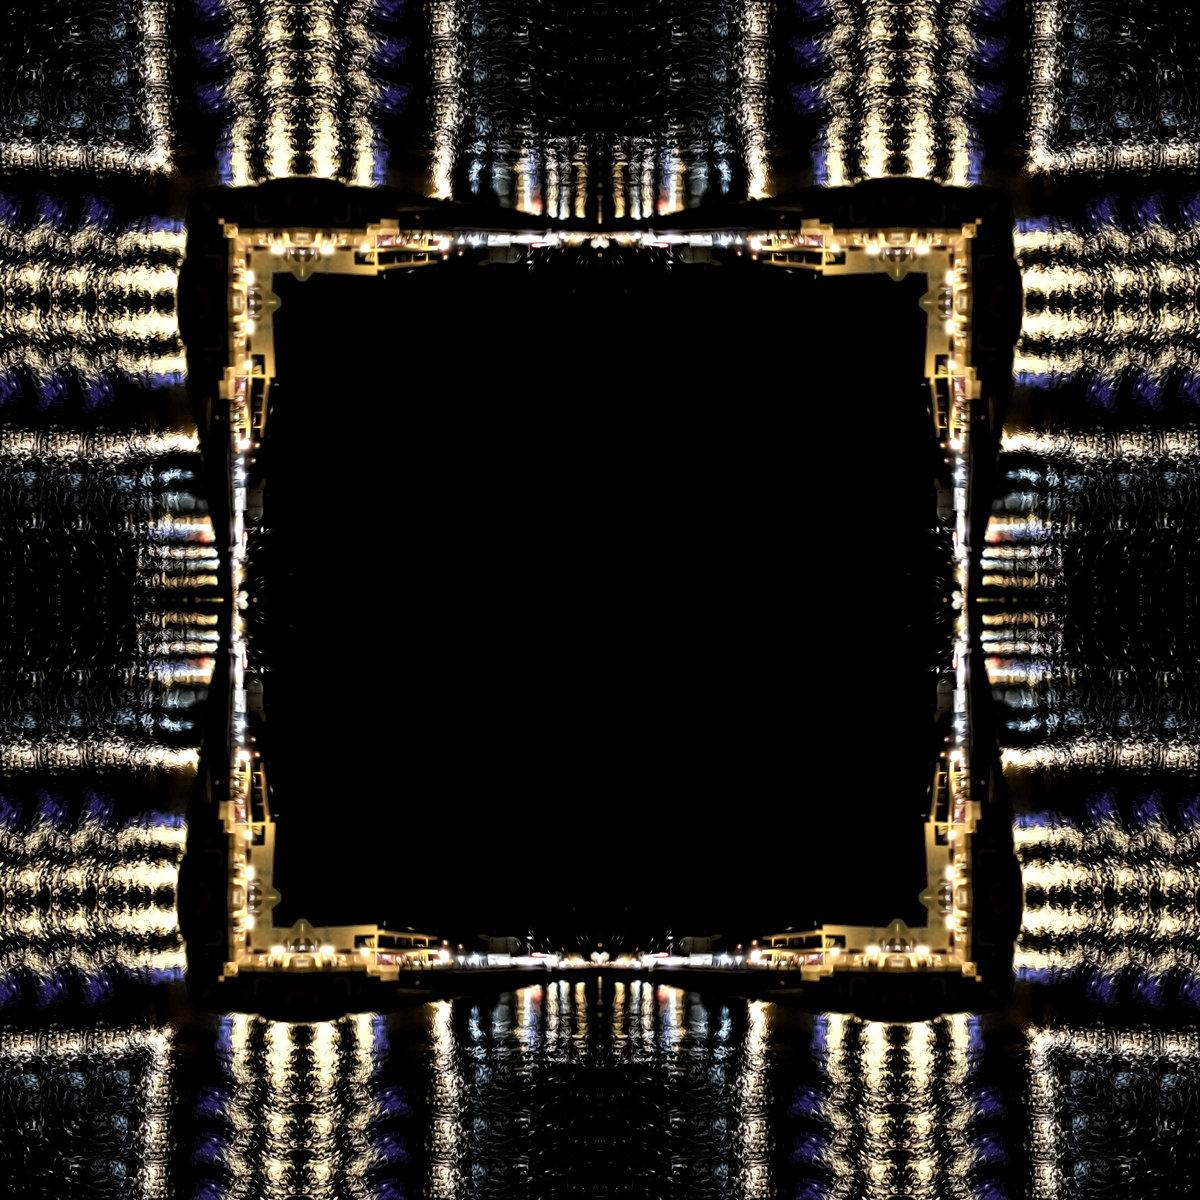 Паттерны и бесшовные текстуры бесплатно / Patterns and seamless textures for free, p_i_r_a_n_y_a - Ночной Лоо (Сочи, Россия)